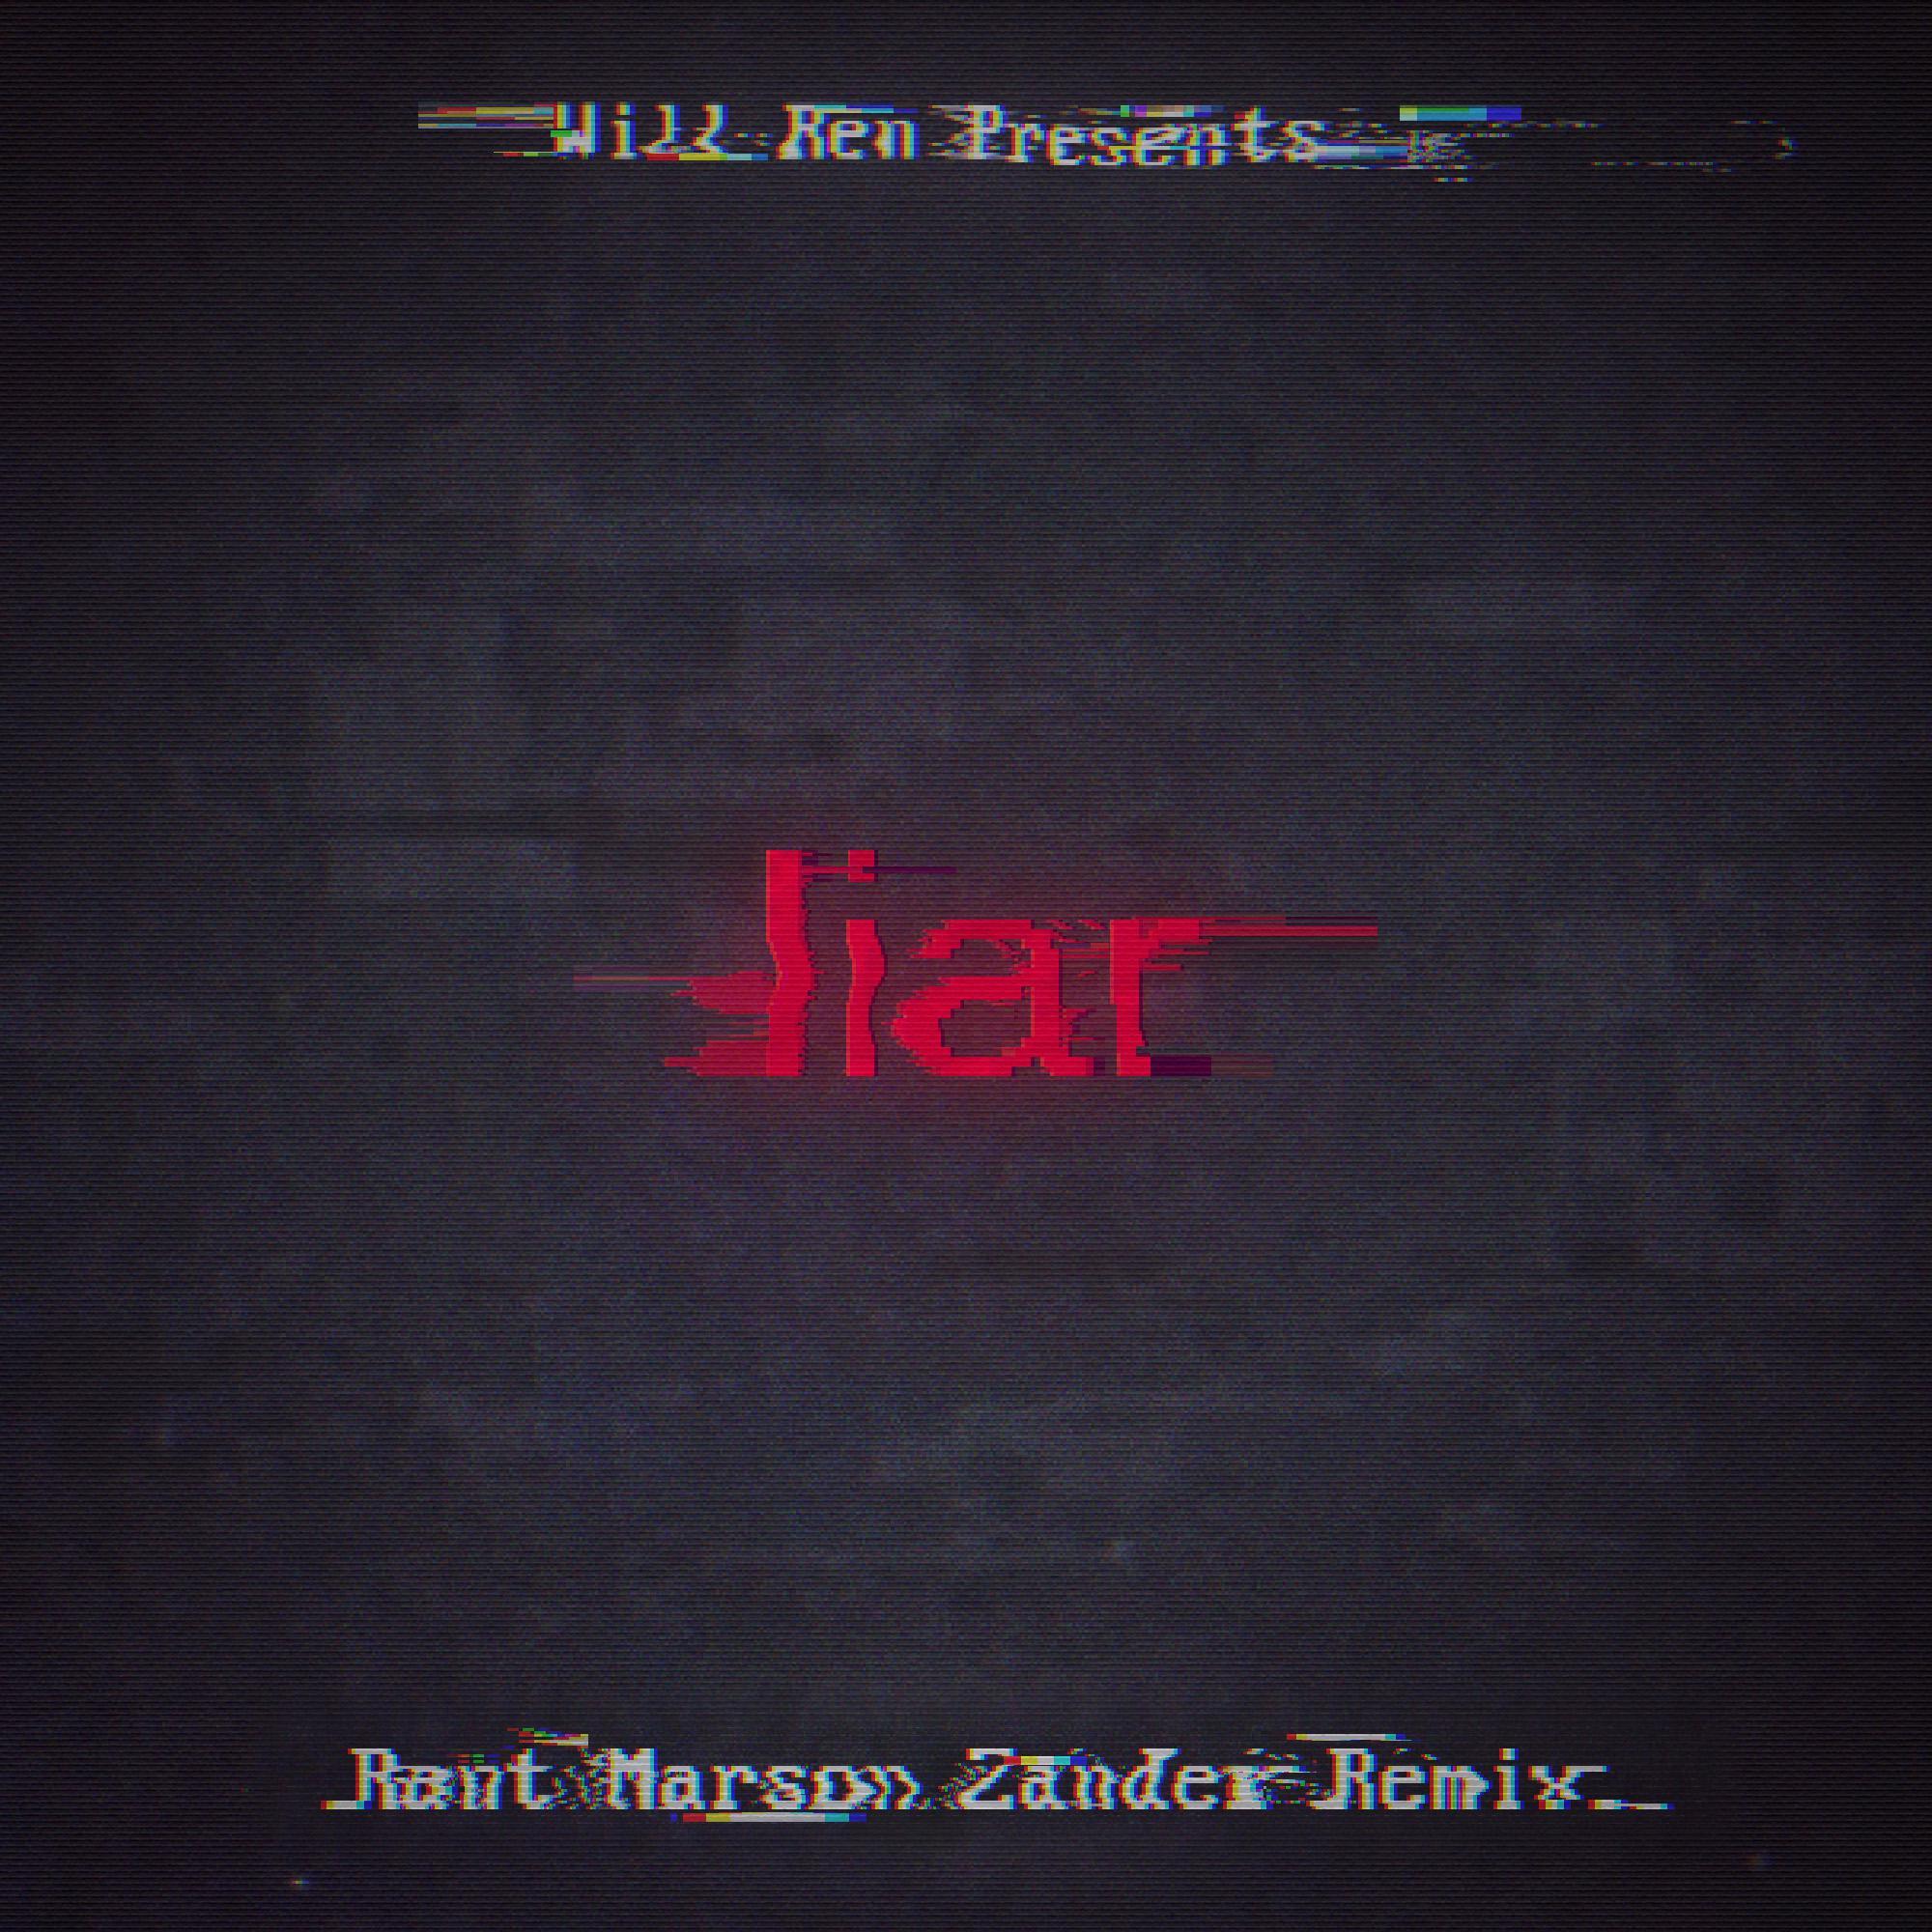 Liar(Rant Marson Zander Remix)